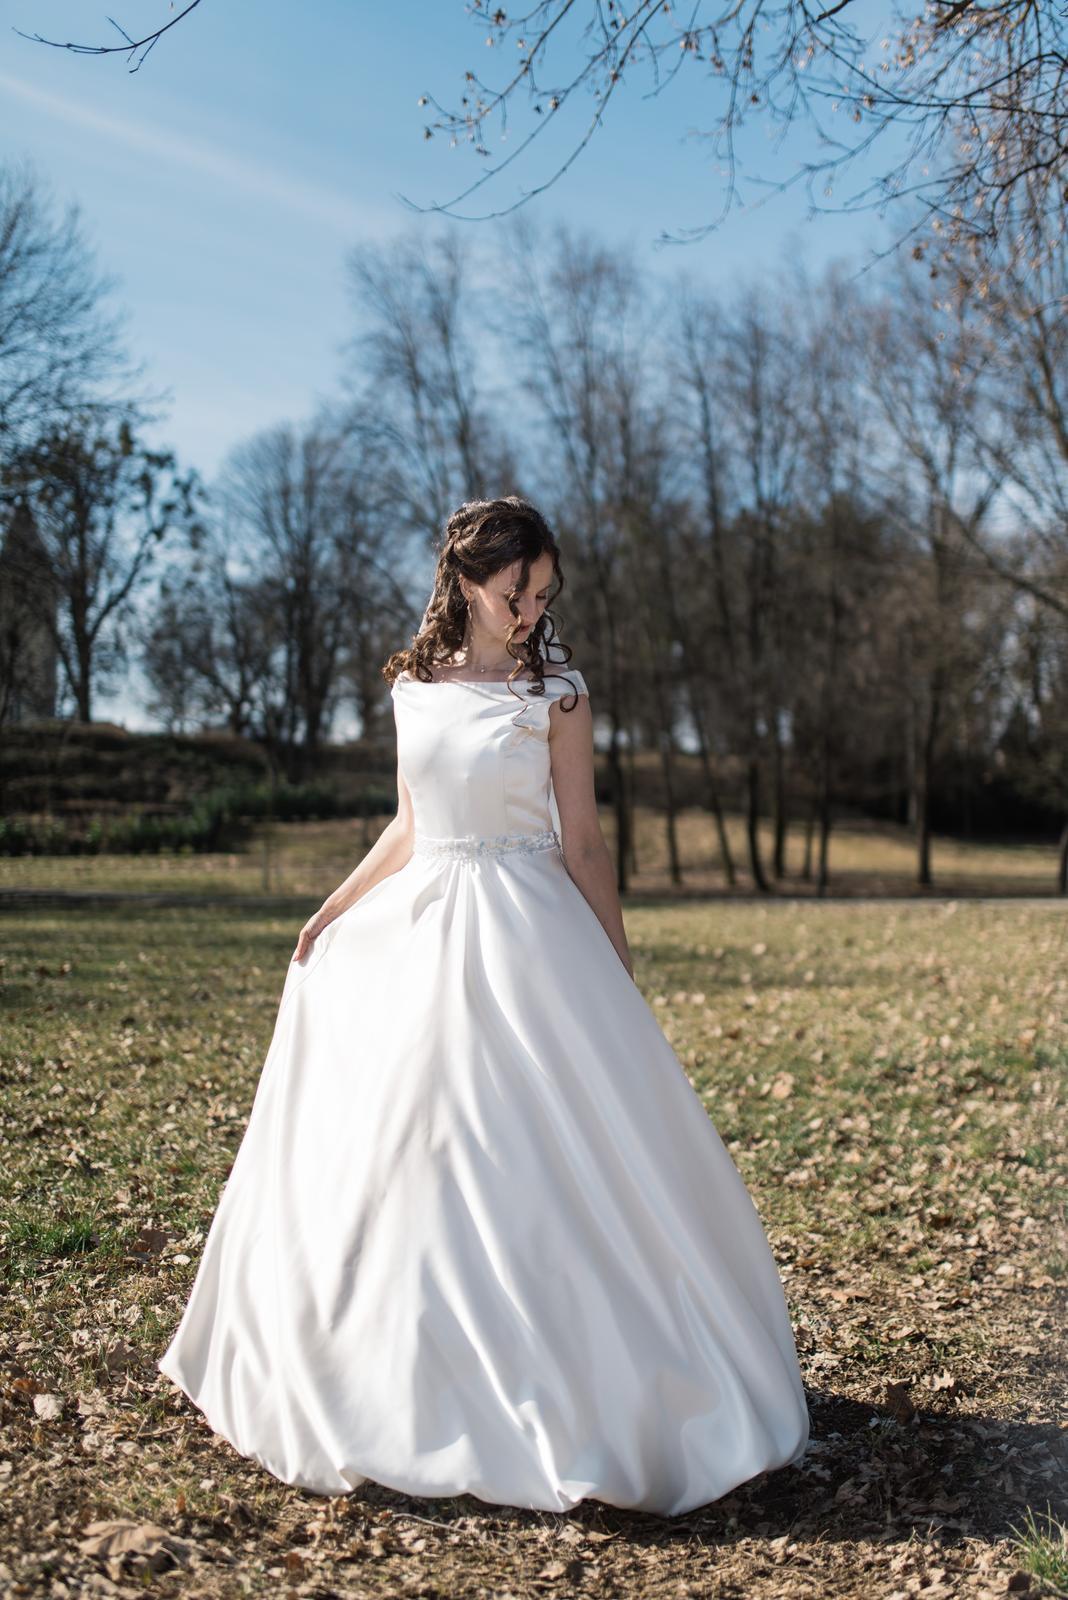 saténové svadobné šaty,36-38 - Obrázok č. 1